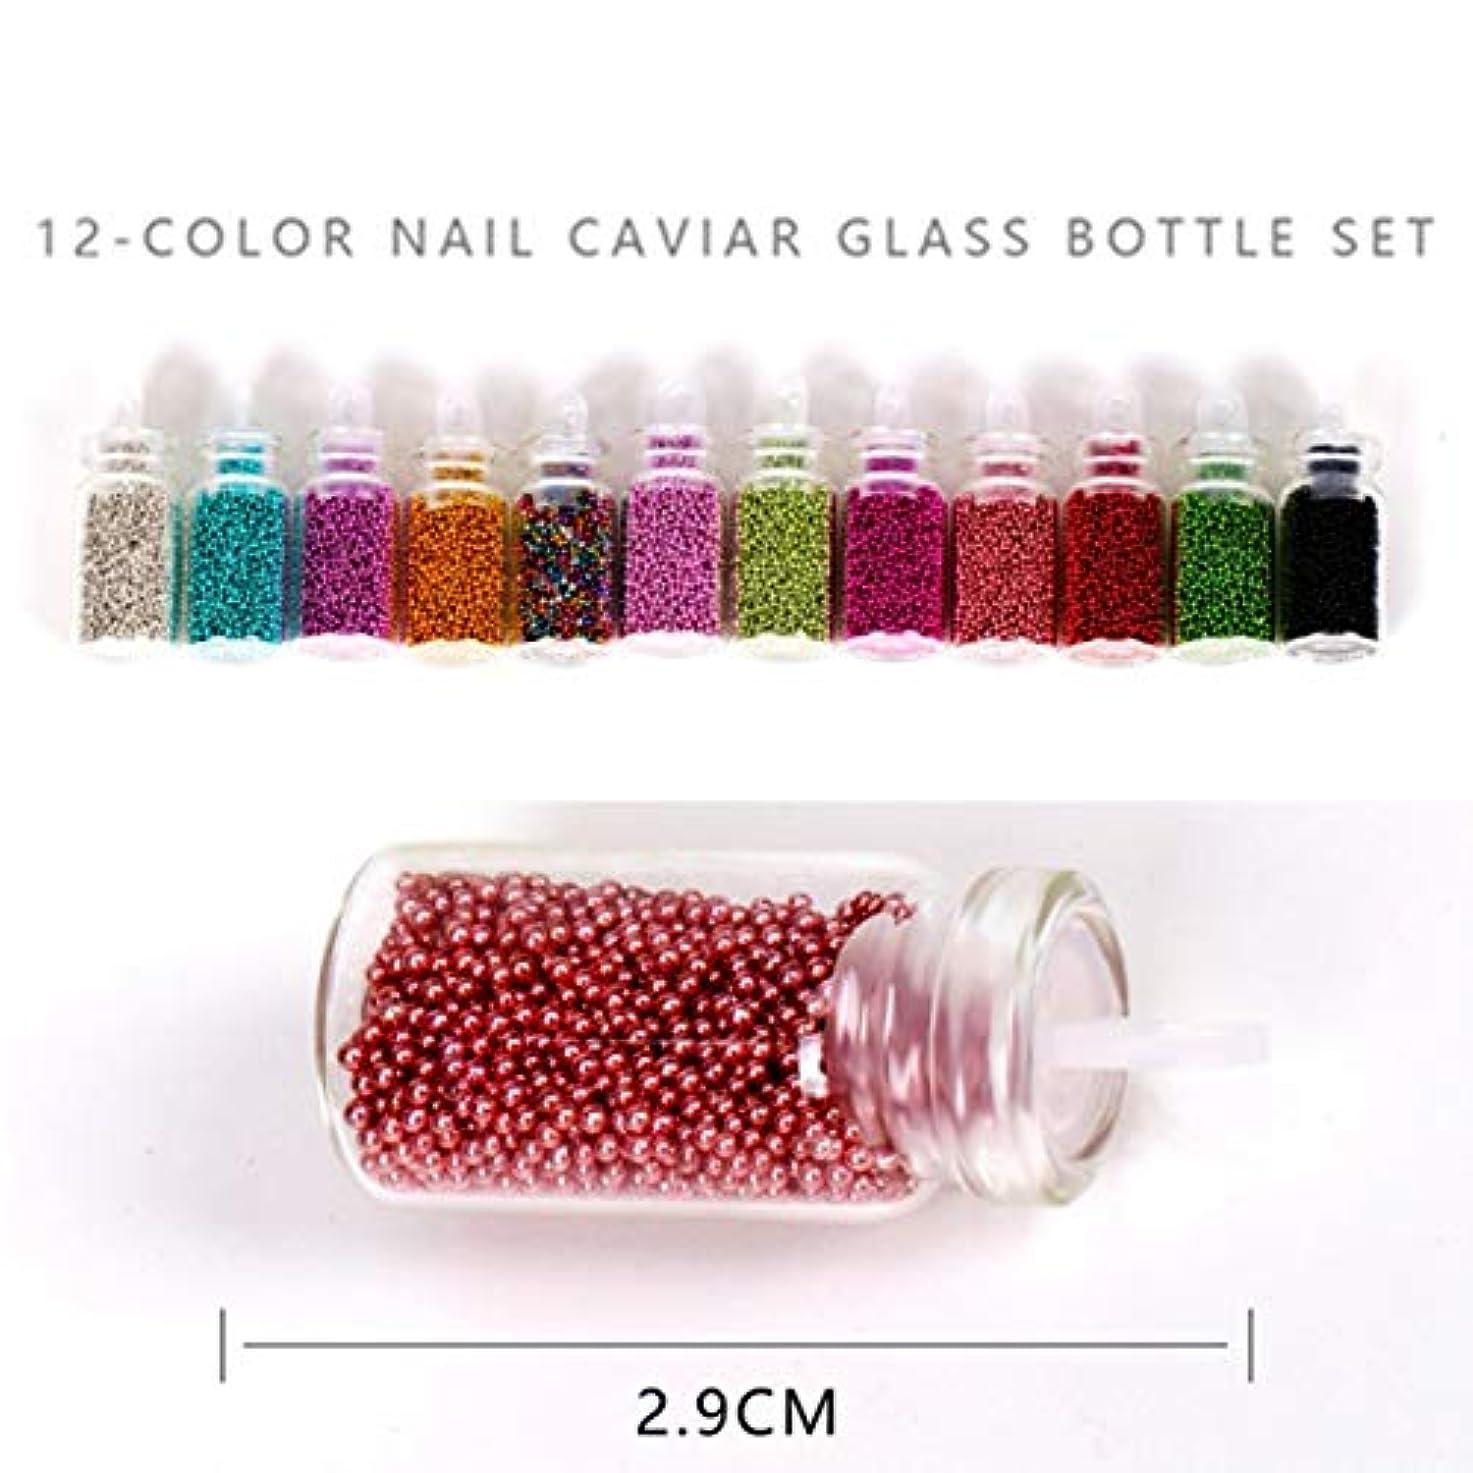 マウントバンク力浸すQuzama-JS 面白いDIYネイルスチールキャビアカラー1 mm小さなスチールボール12色混合カラーネイルアート装飾スーツ(None 12 Color Caviar Set)